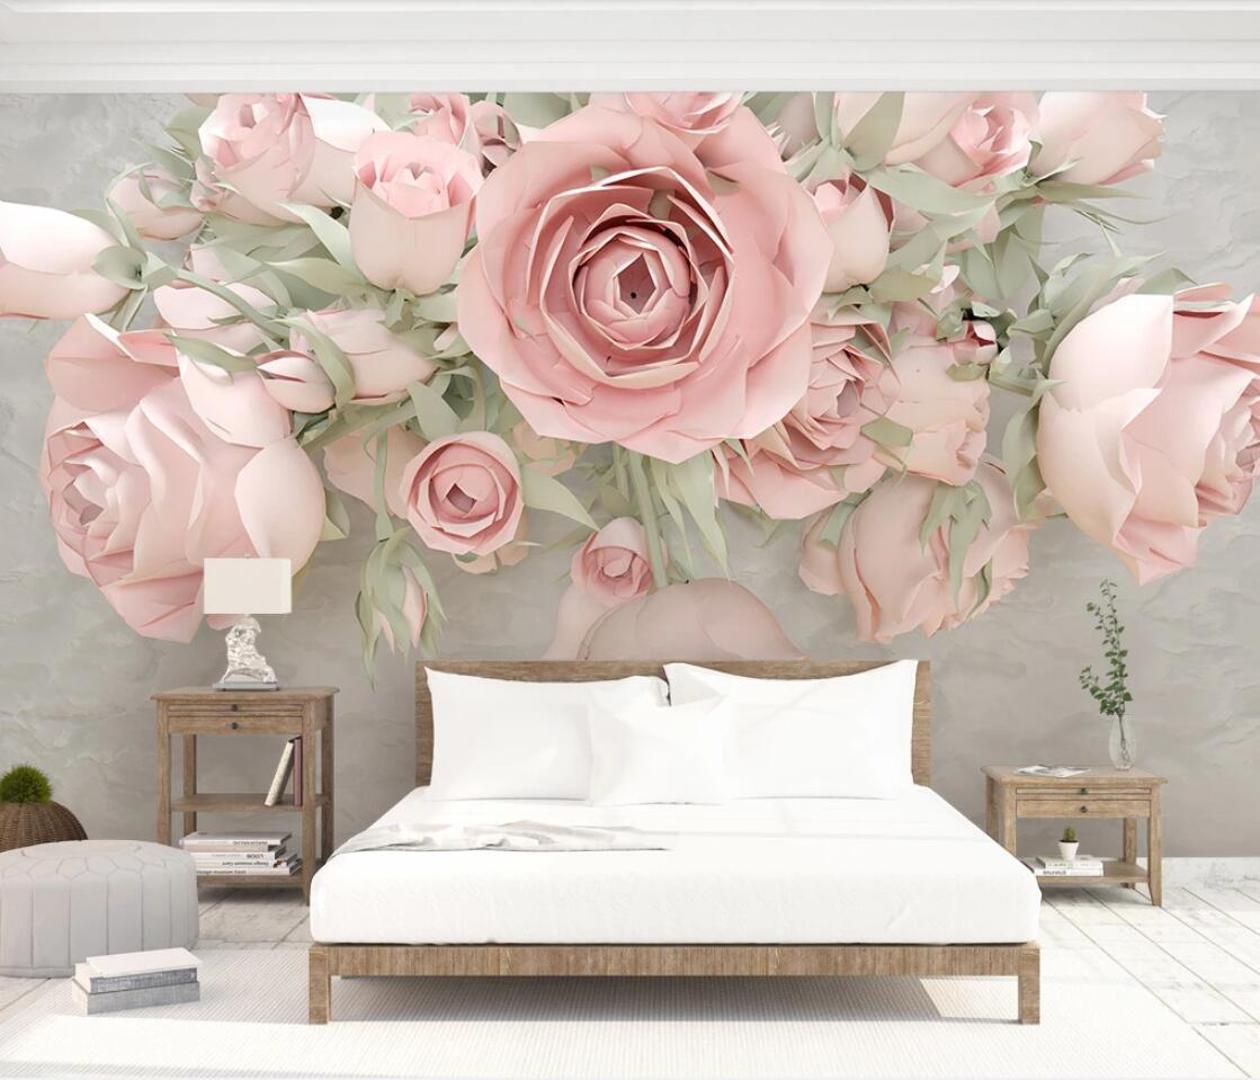 Em relevo Floral Wall Mural papel de parede 3d flores impressão em papel de lona Contato foto papel de parede personalizado papel de parede